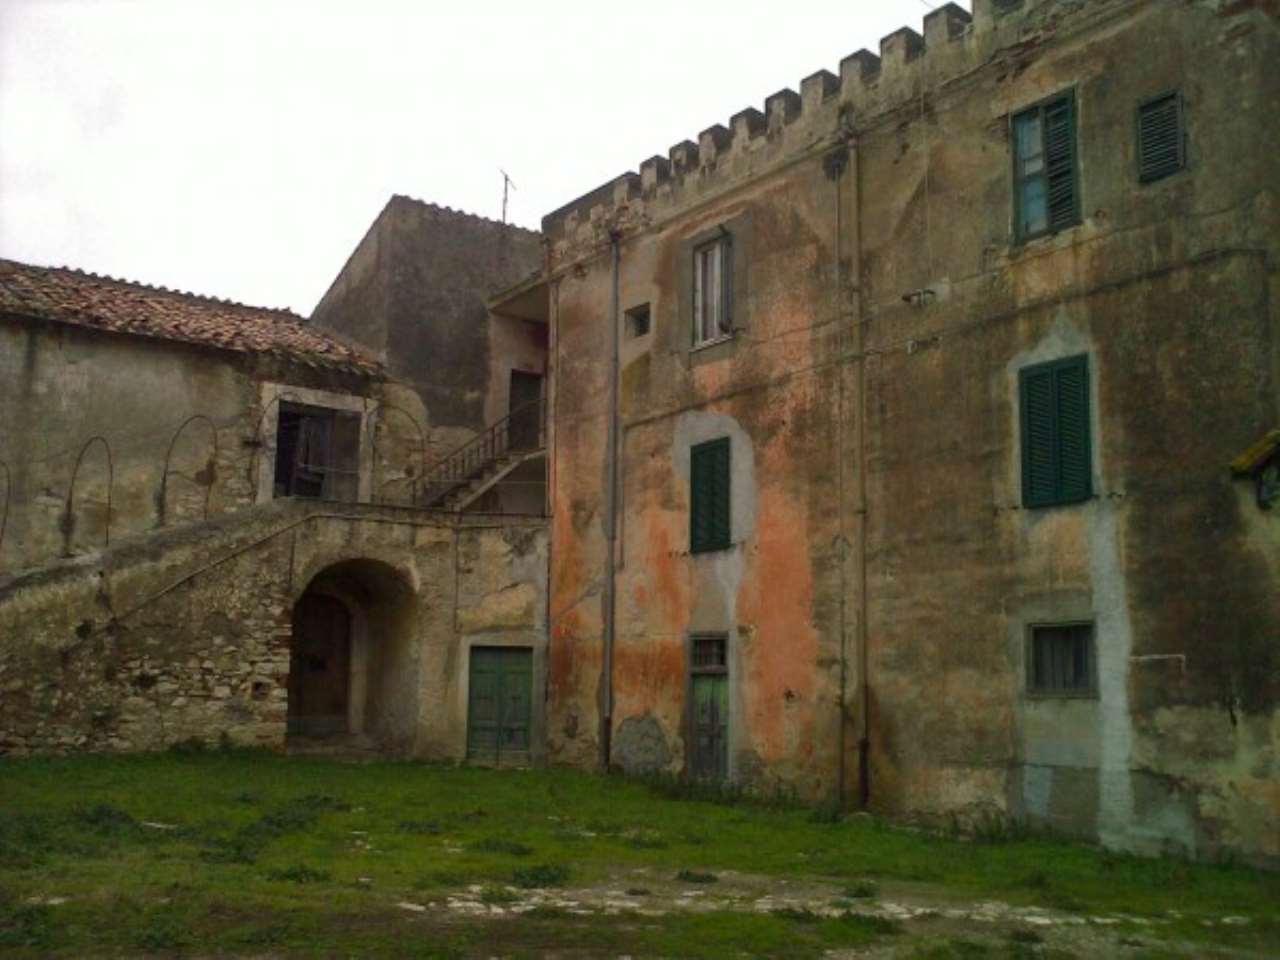 Rustico / Casale in vendita a Manciano, 9999 locali, prezzo € 2.500.000 | CambioCasa.it